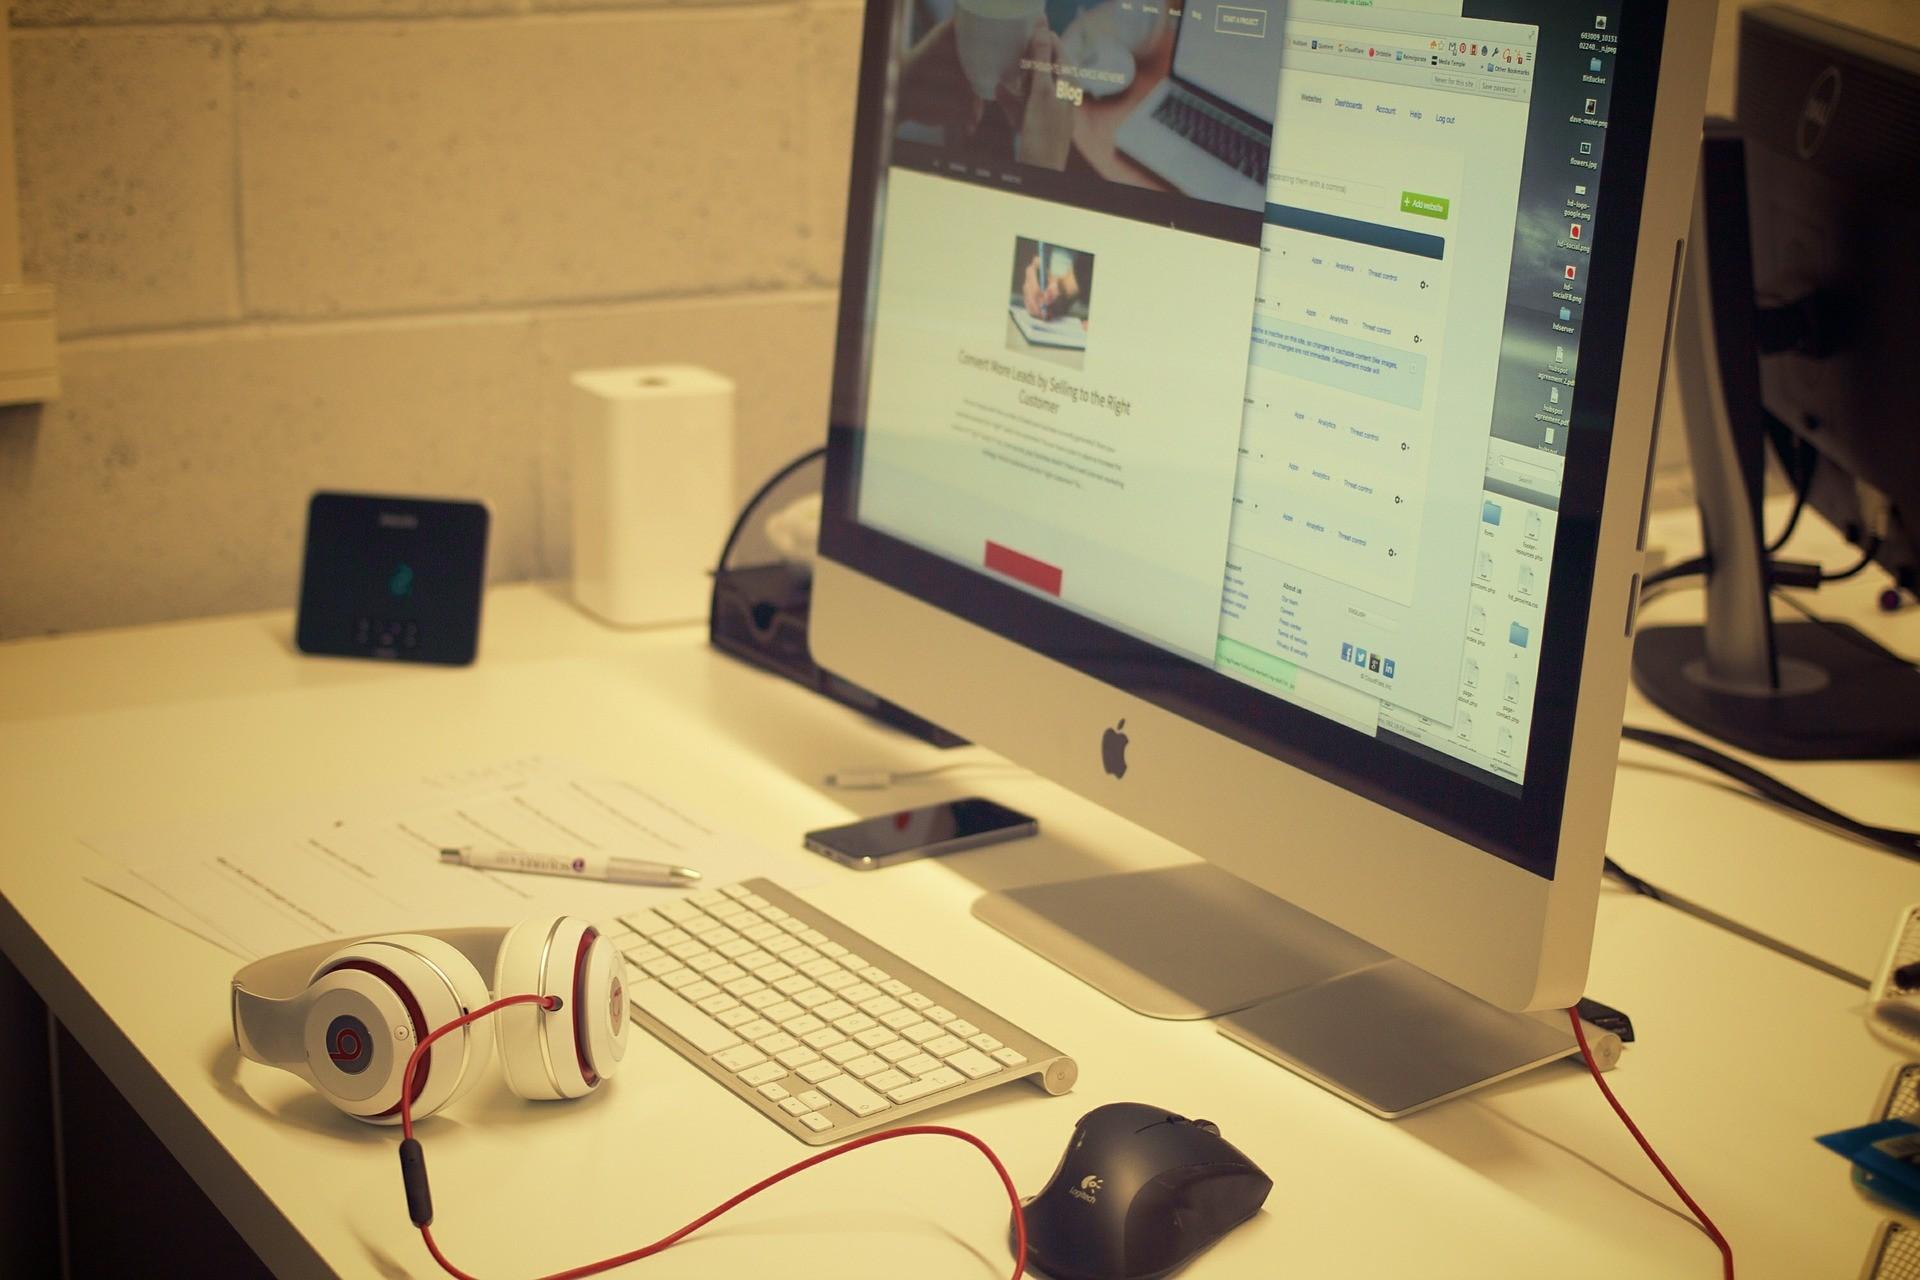 ▲網路,鍵盤,酸民,鄉民,電腦,打字,社群。(圖/取自免費圖庫Pixabay)